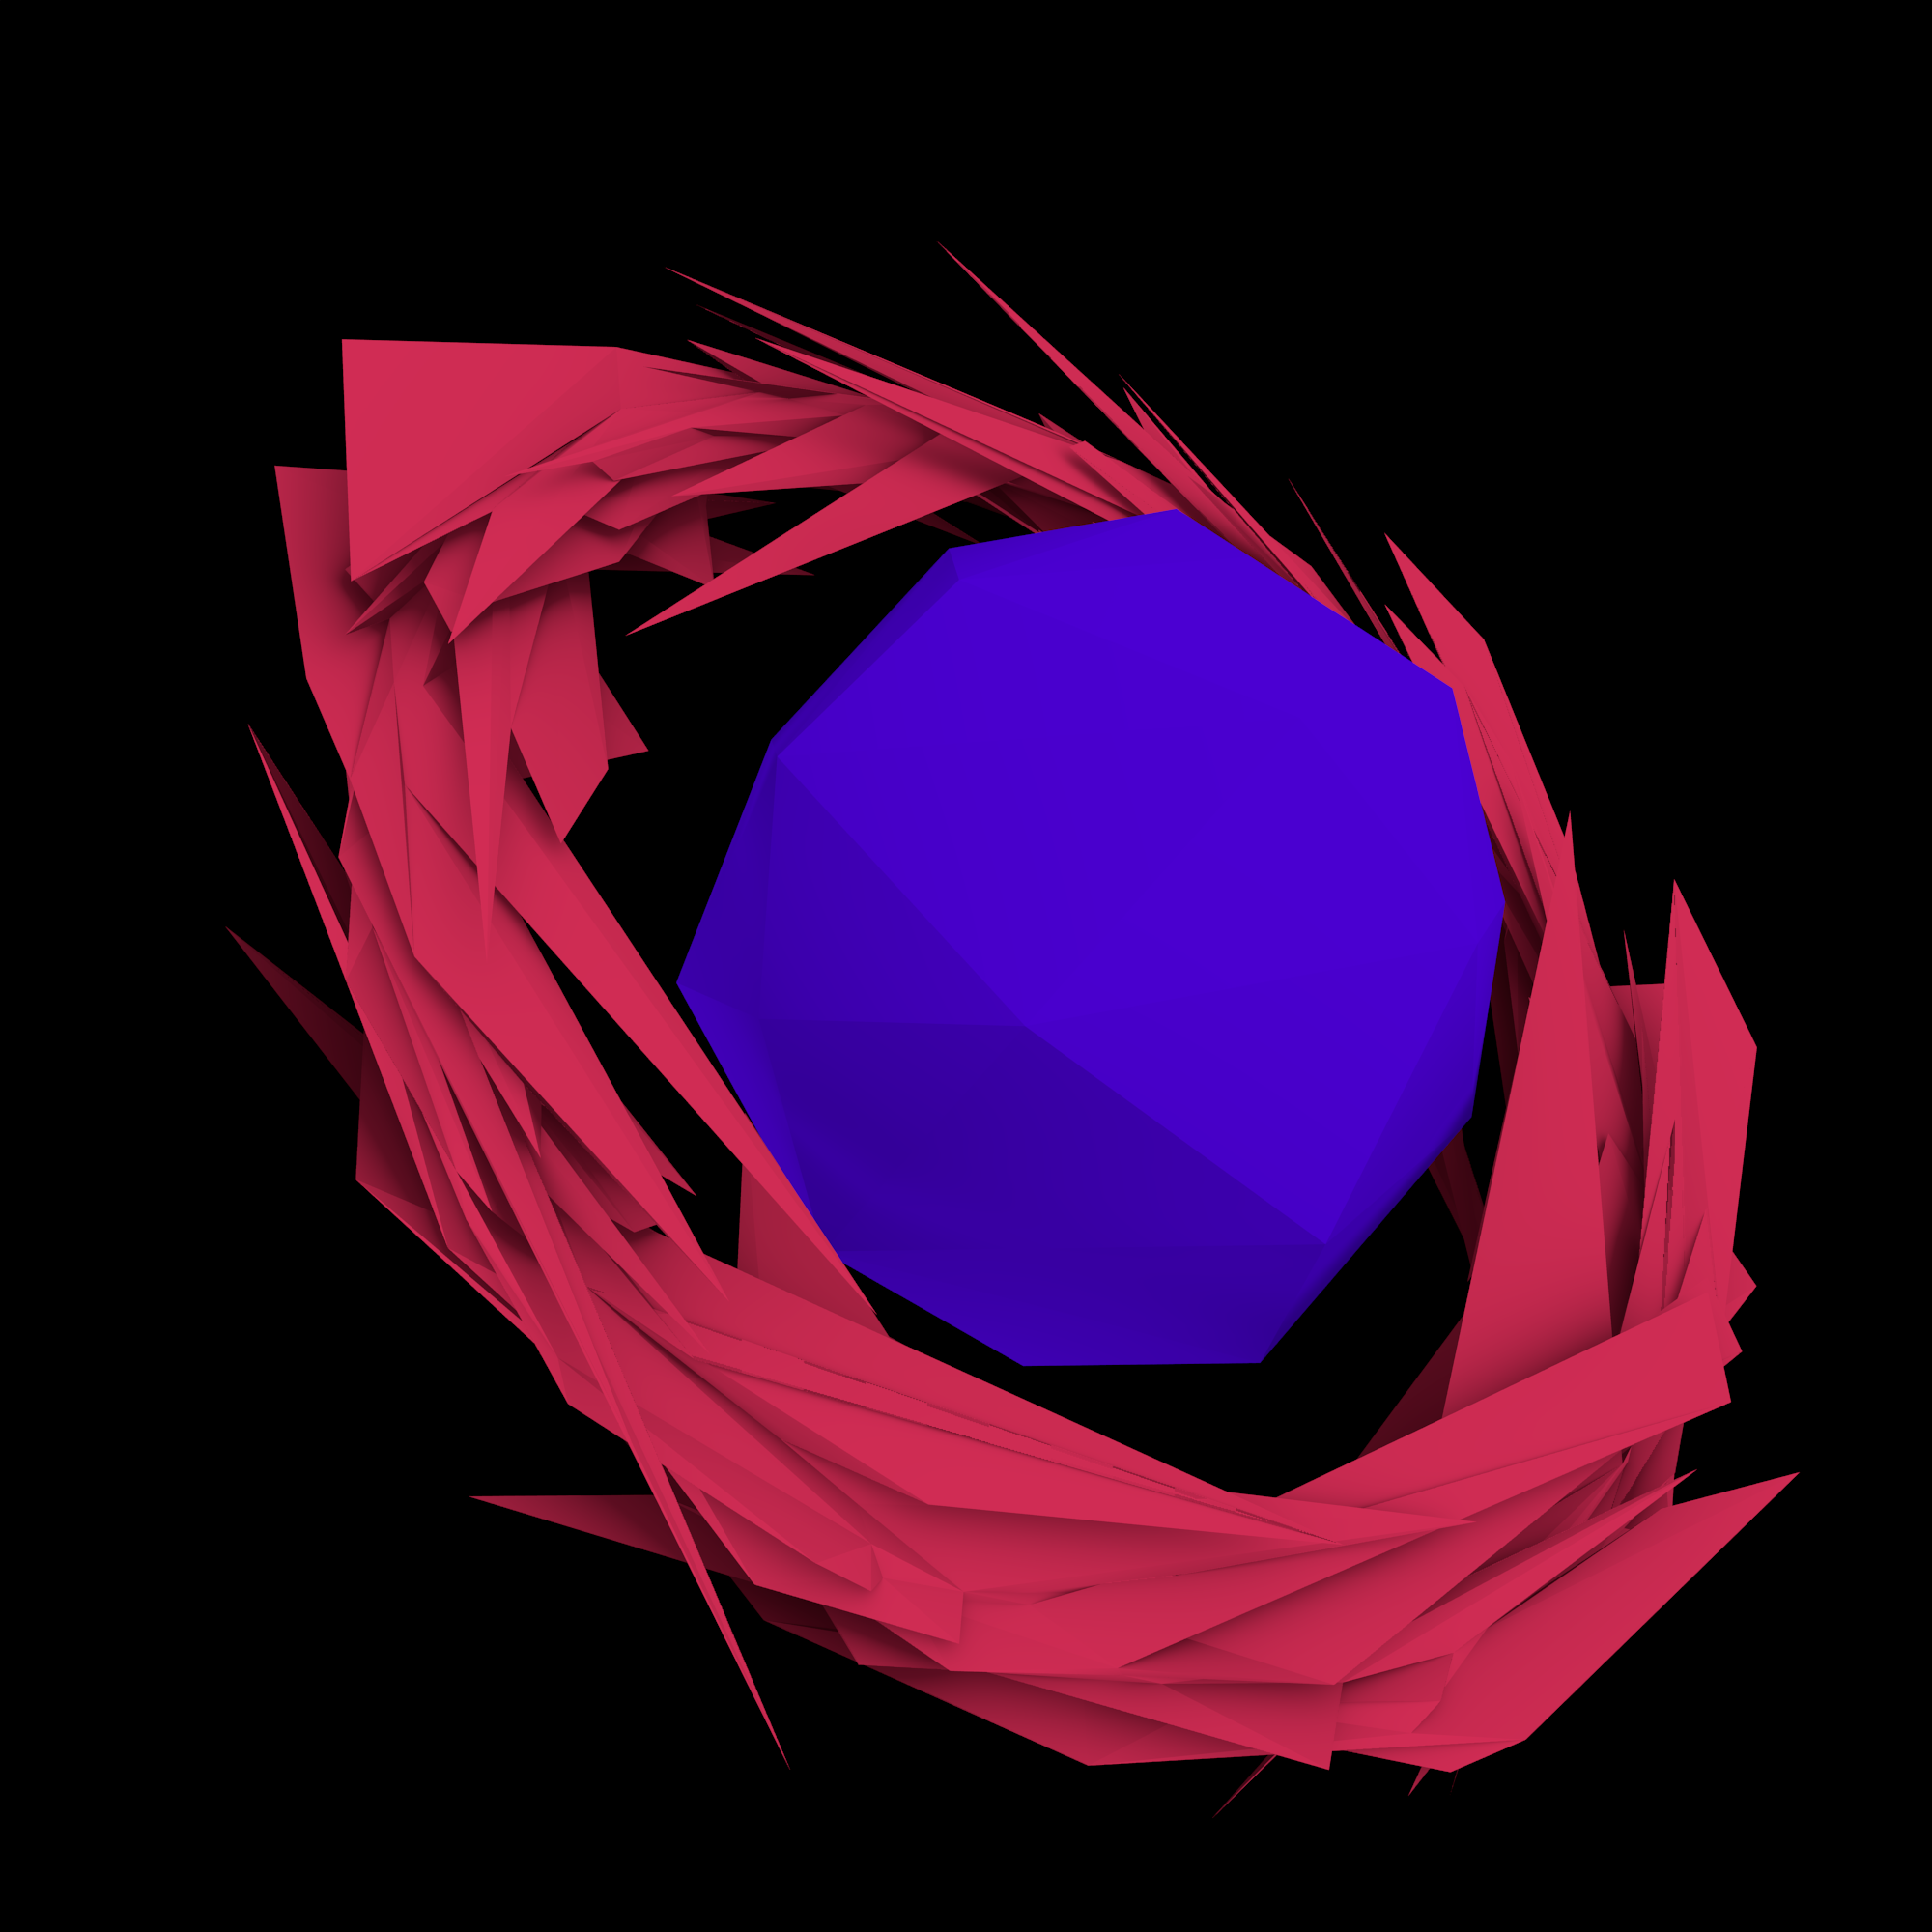 sharpened ring edged planet 3d model 3ds fbx blend dae obj 221653